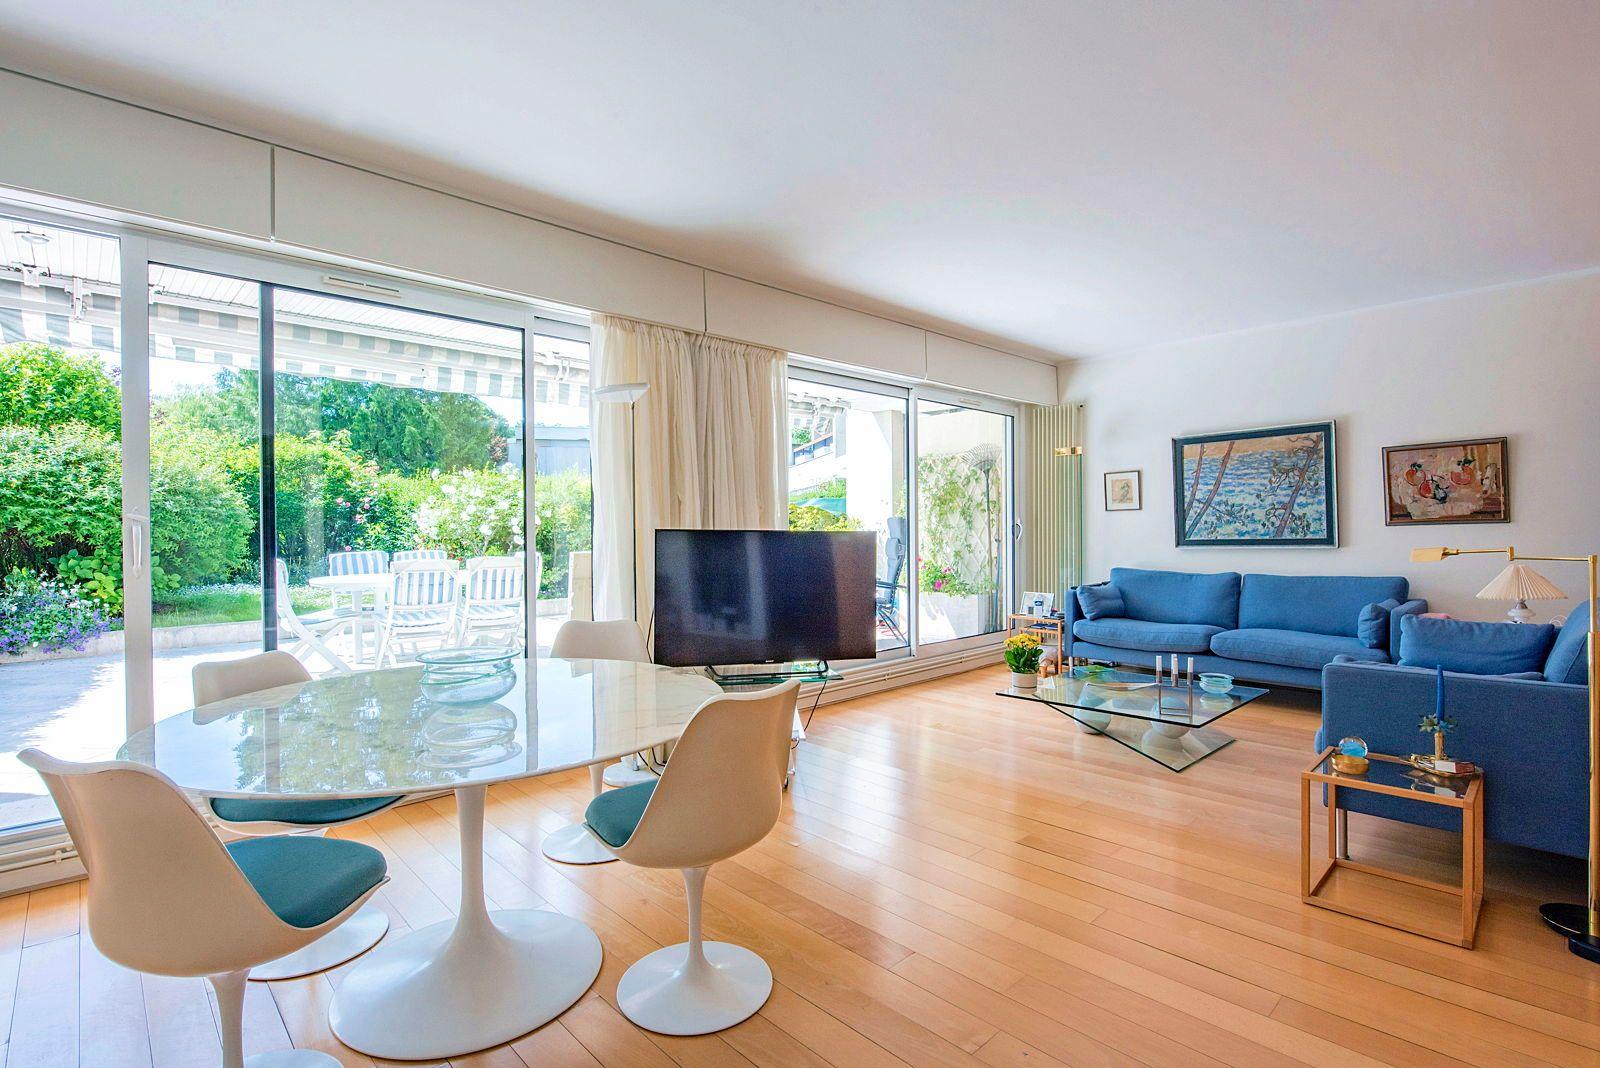 Vends Duplex de 145m² avec jardin à Rueil-Malmaison (92)